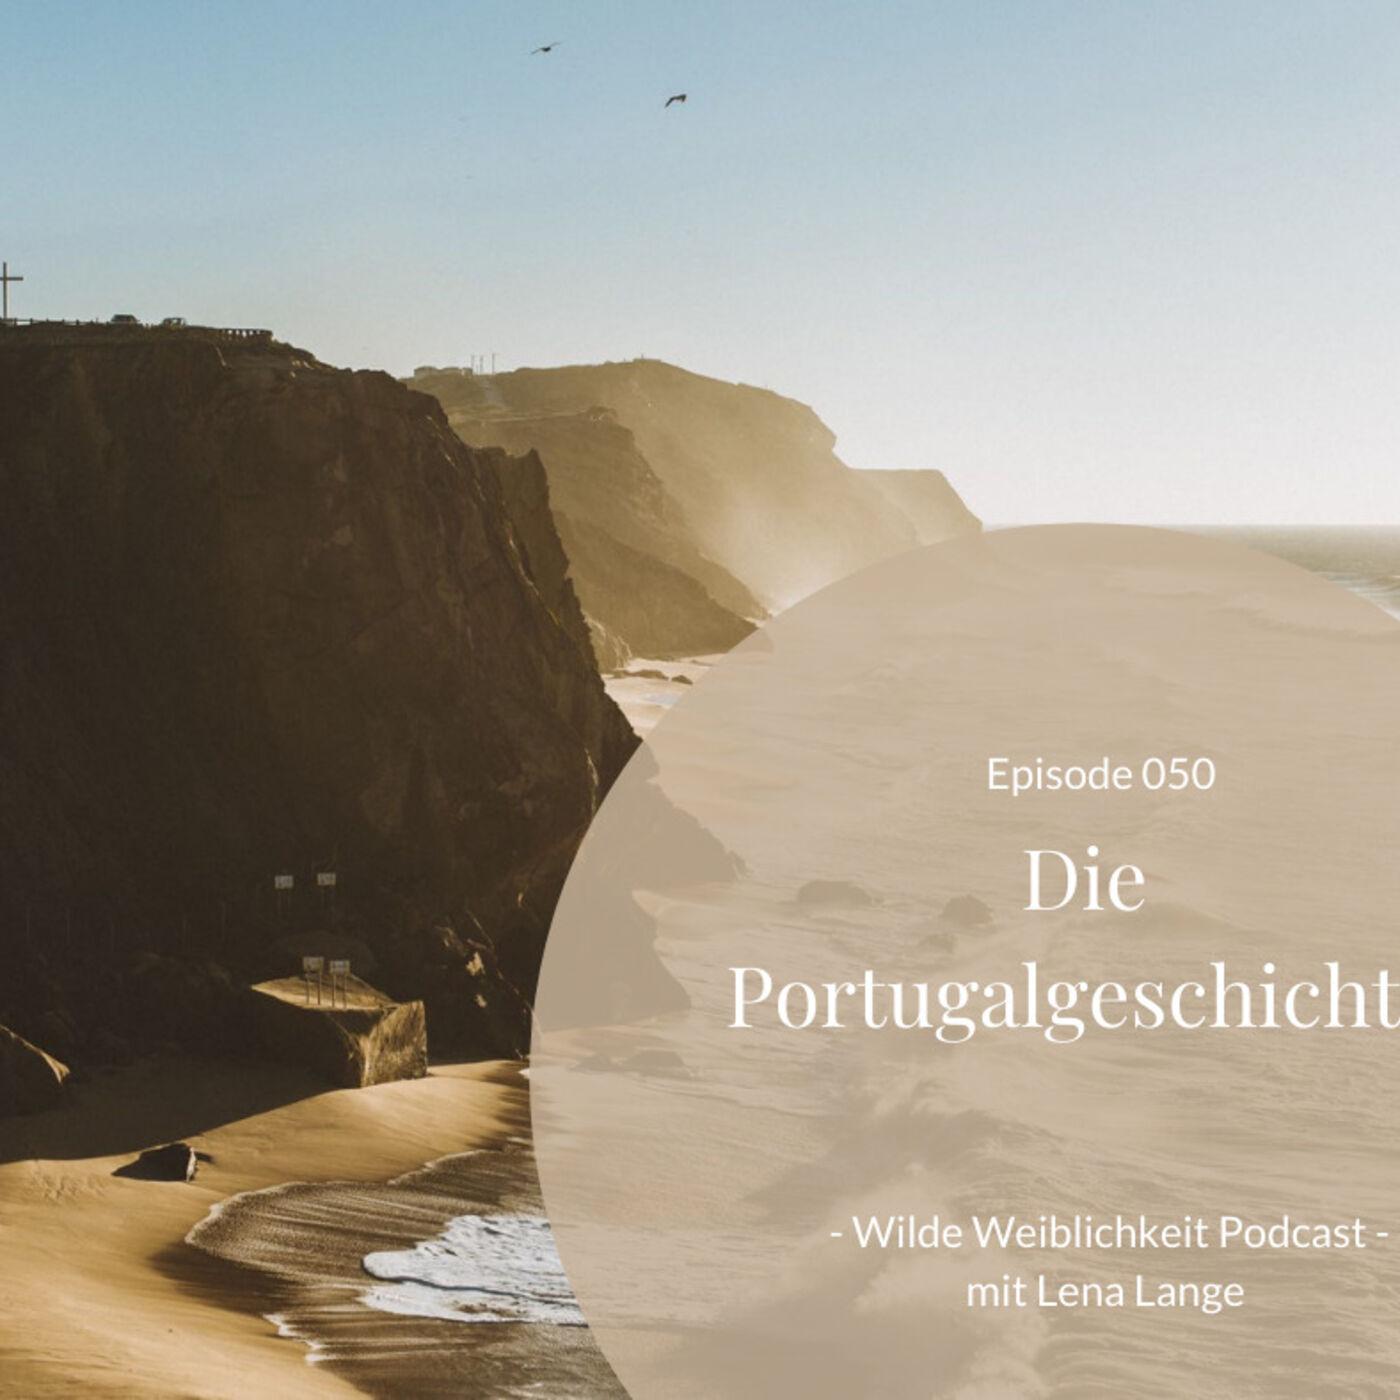 050: Die Portugalgeschichte